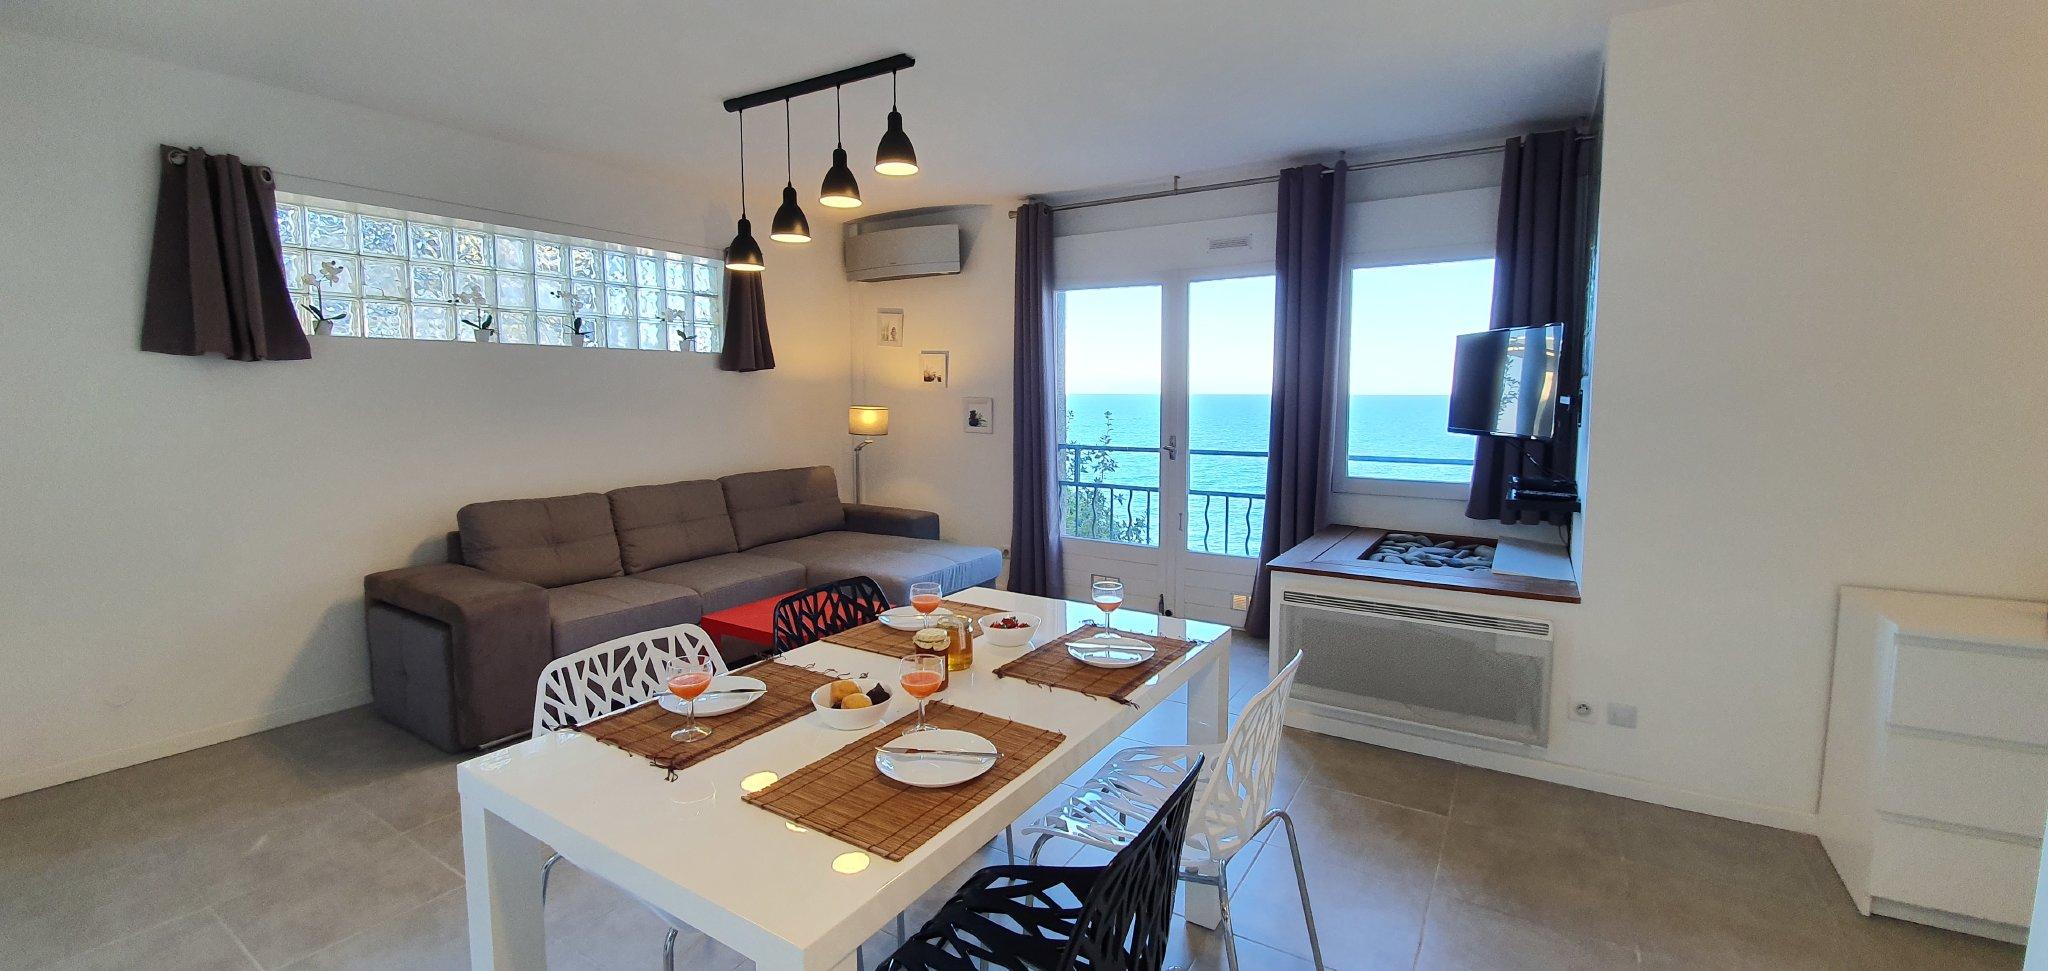 Küche (Apartment)